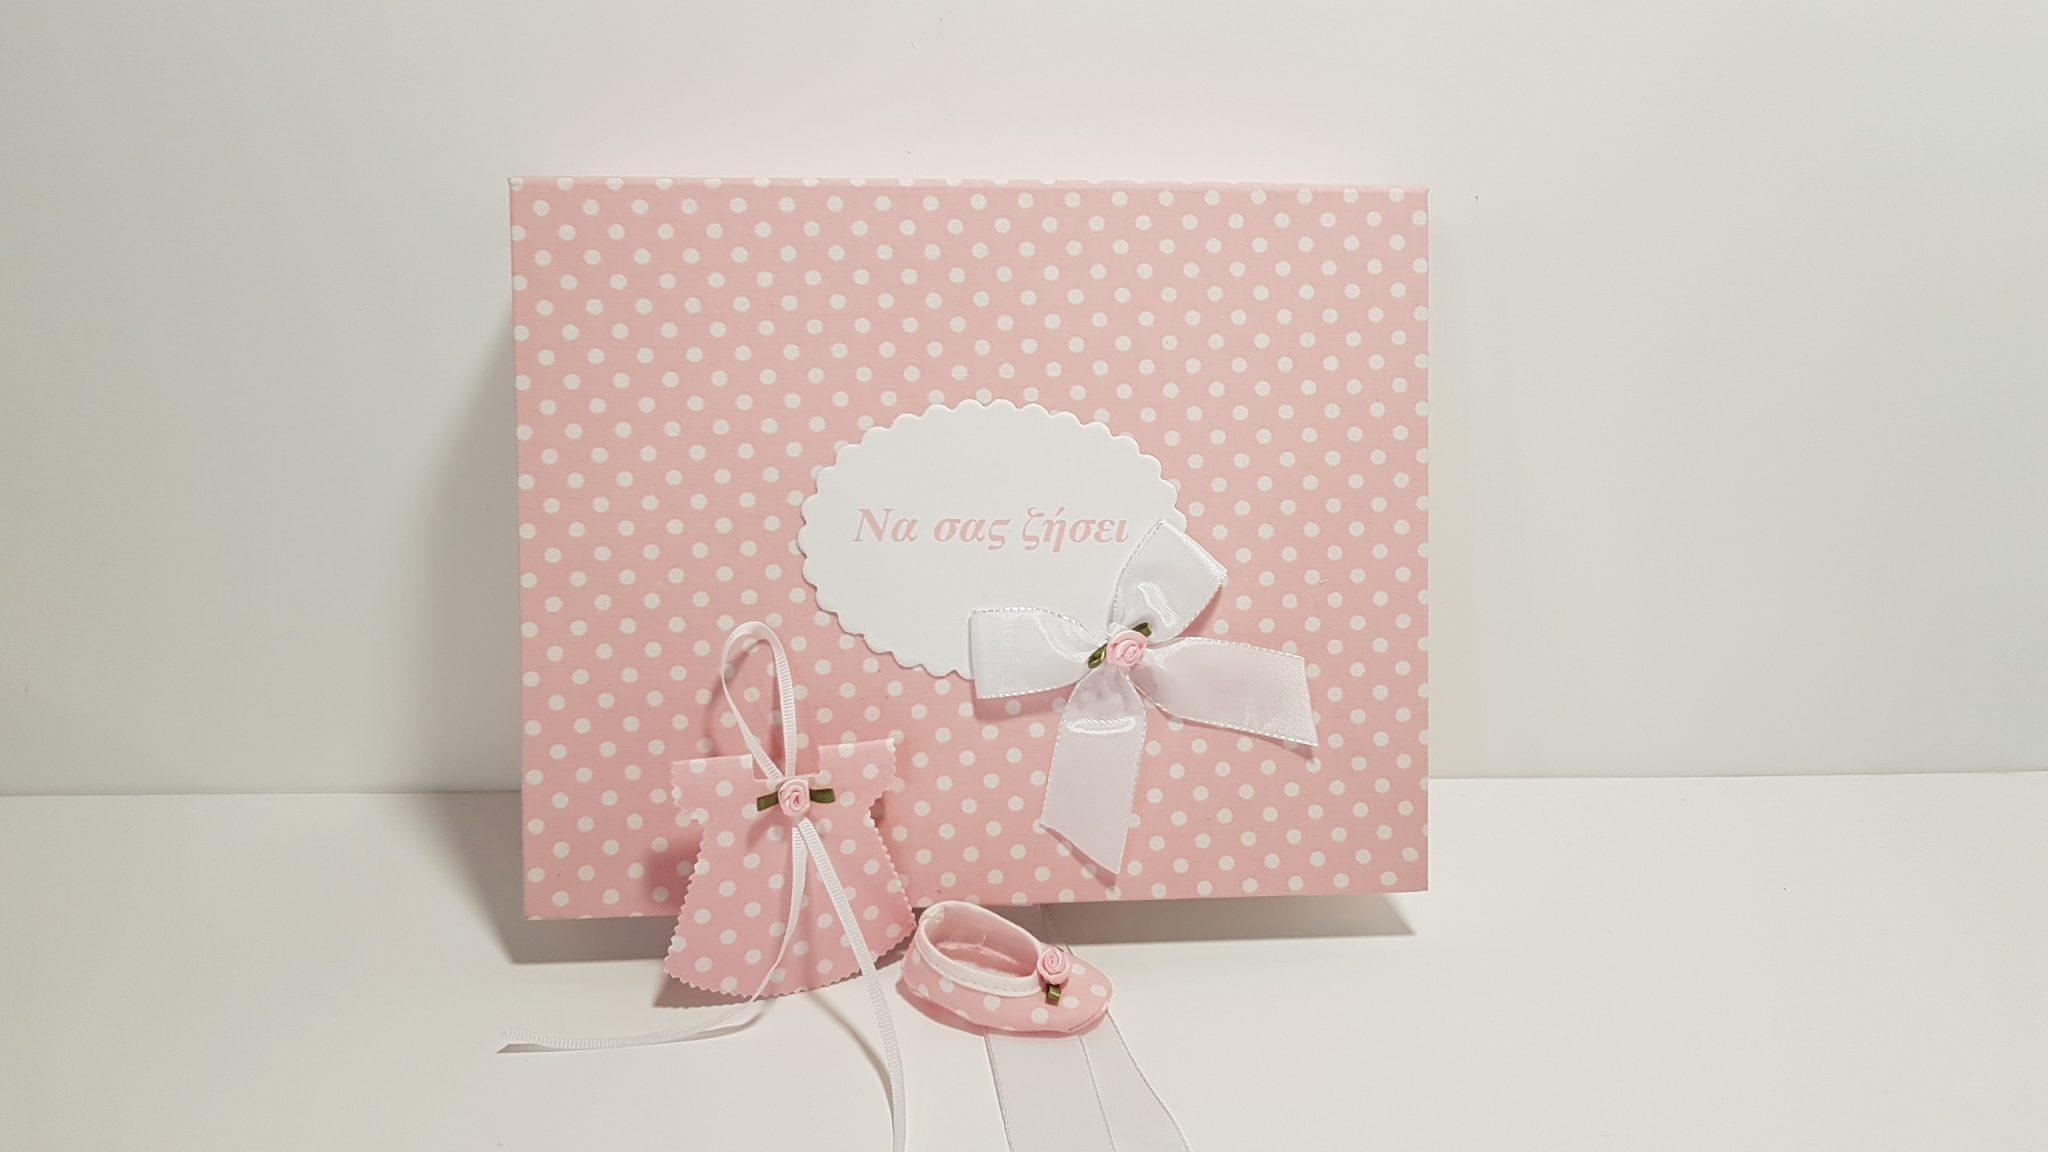 Κουτί πουά ροζ με 25 κεράσματα φορεματάκια και παπουτσάκια στολισμένα με λουλουδάκι και ενα κουφέτο εσωτερικά.